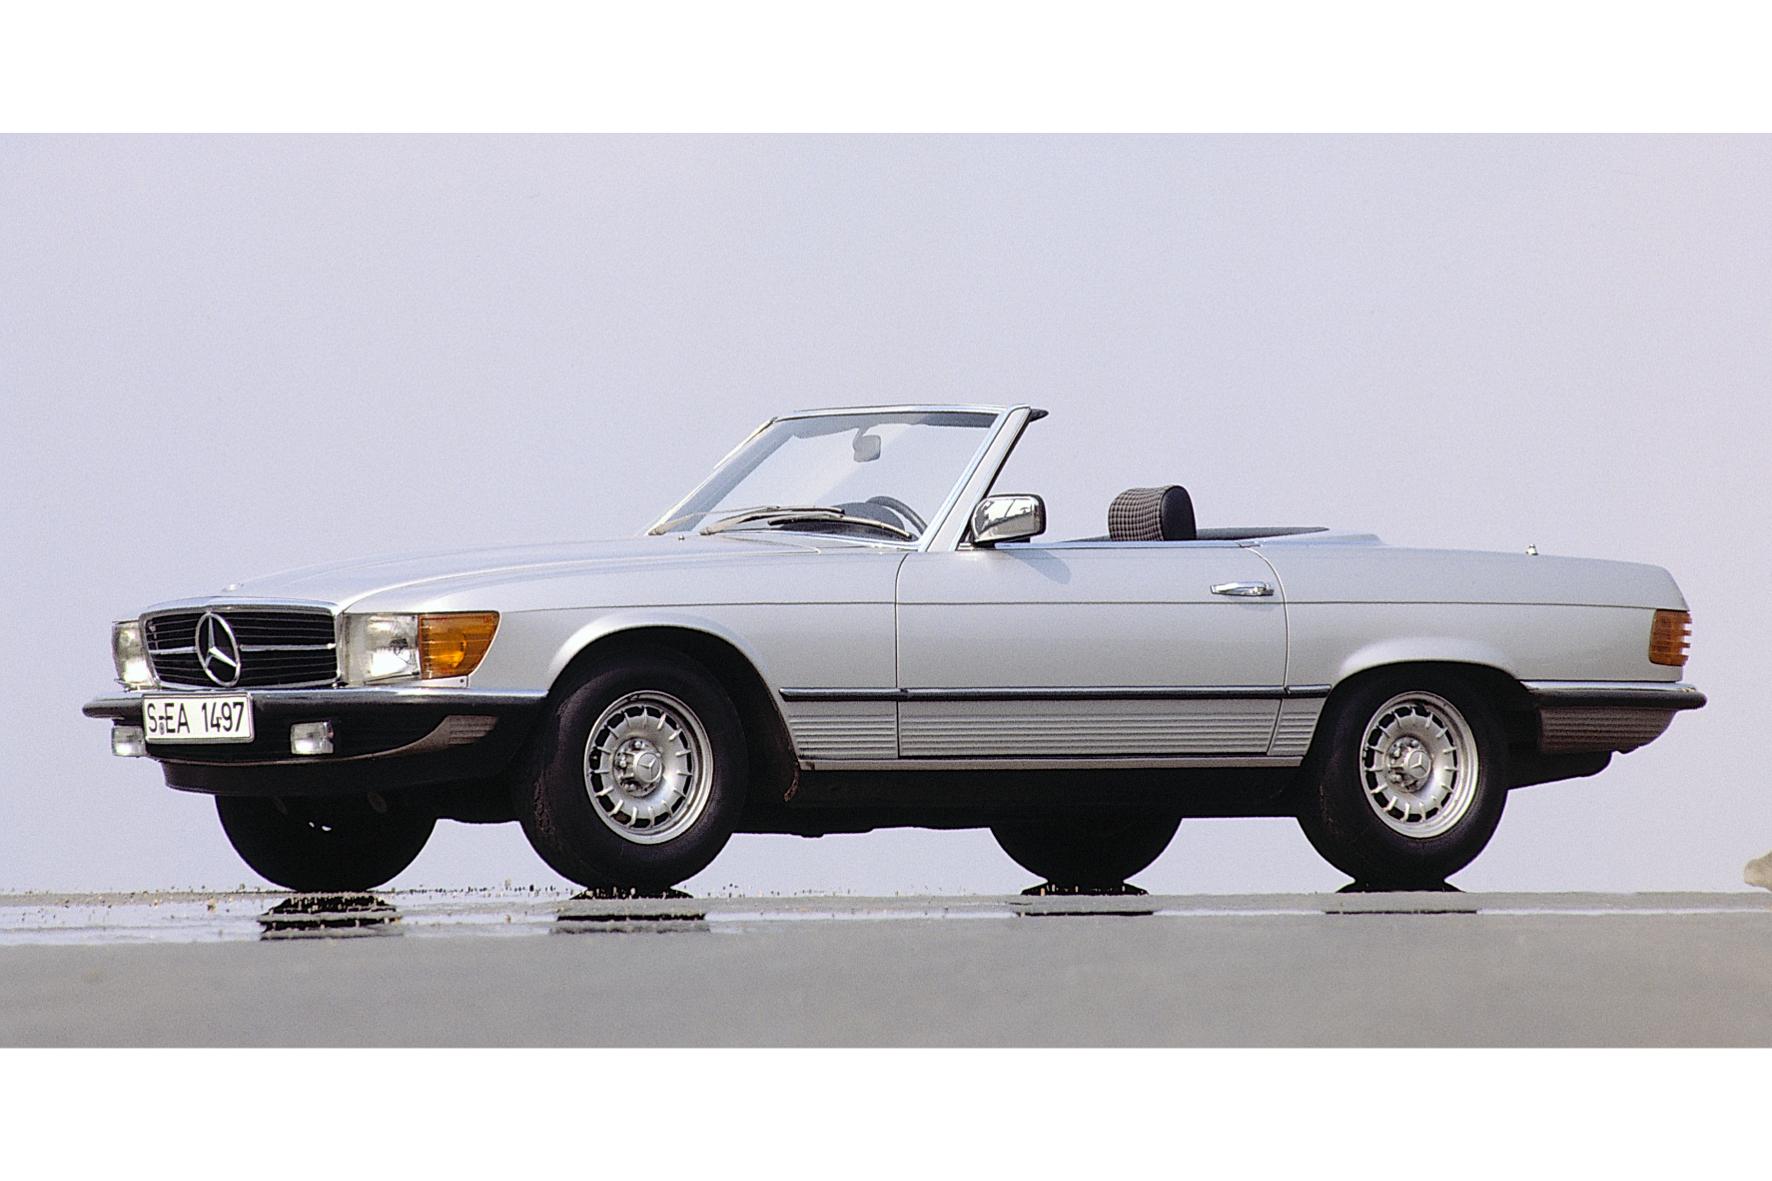 mid Groß-Gerau - Der Mercedes 500 SL ist 1980 das Top-Modell der Baureihe. Jetzt ist dieser Traum in Silber bei der Sachsen Classic am Start.